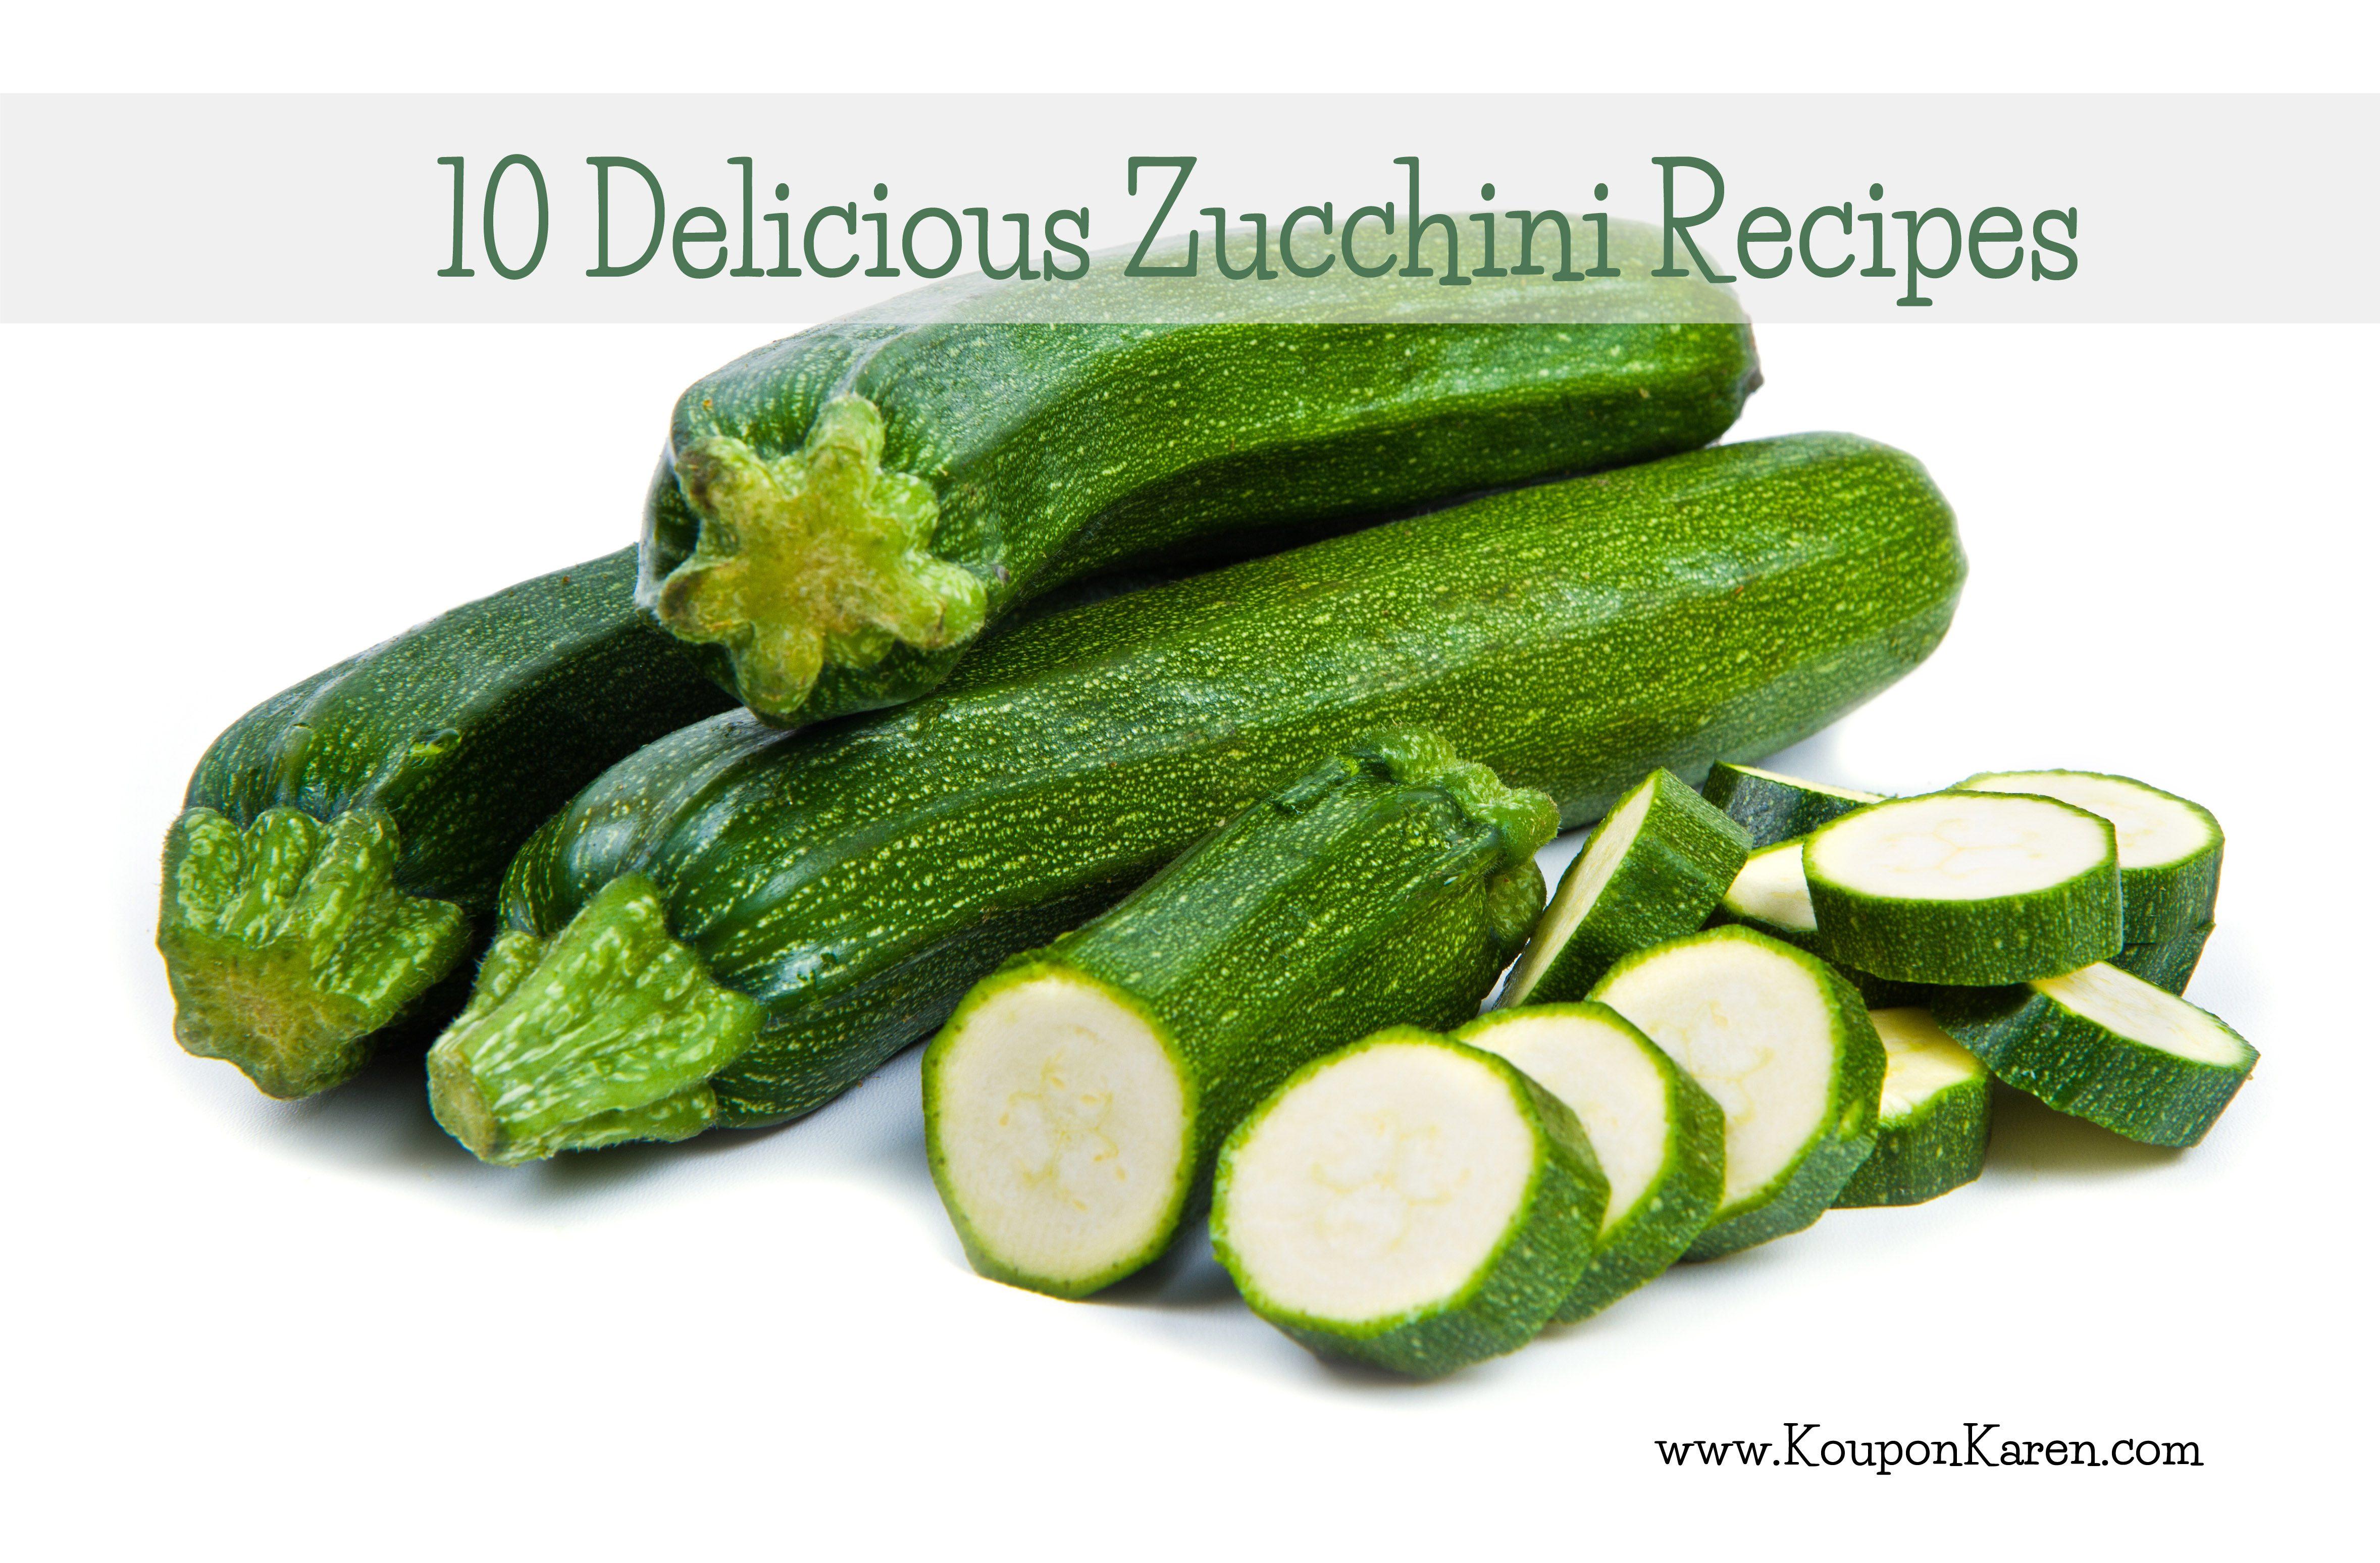 10 Delicious Zucchini Recipes